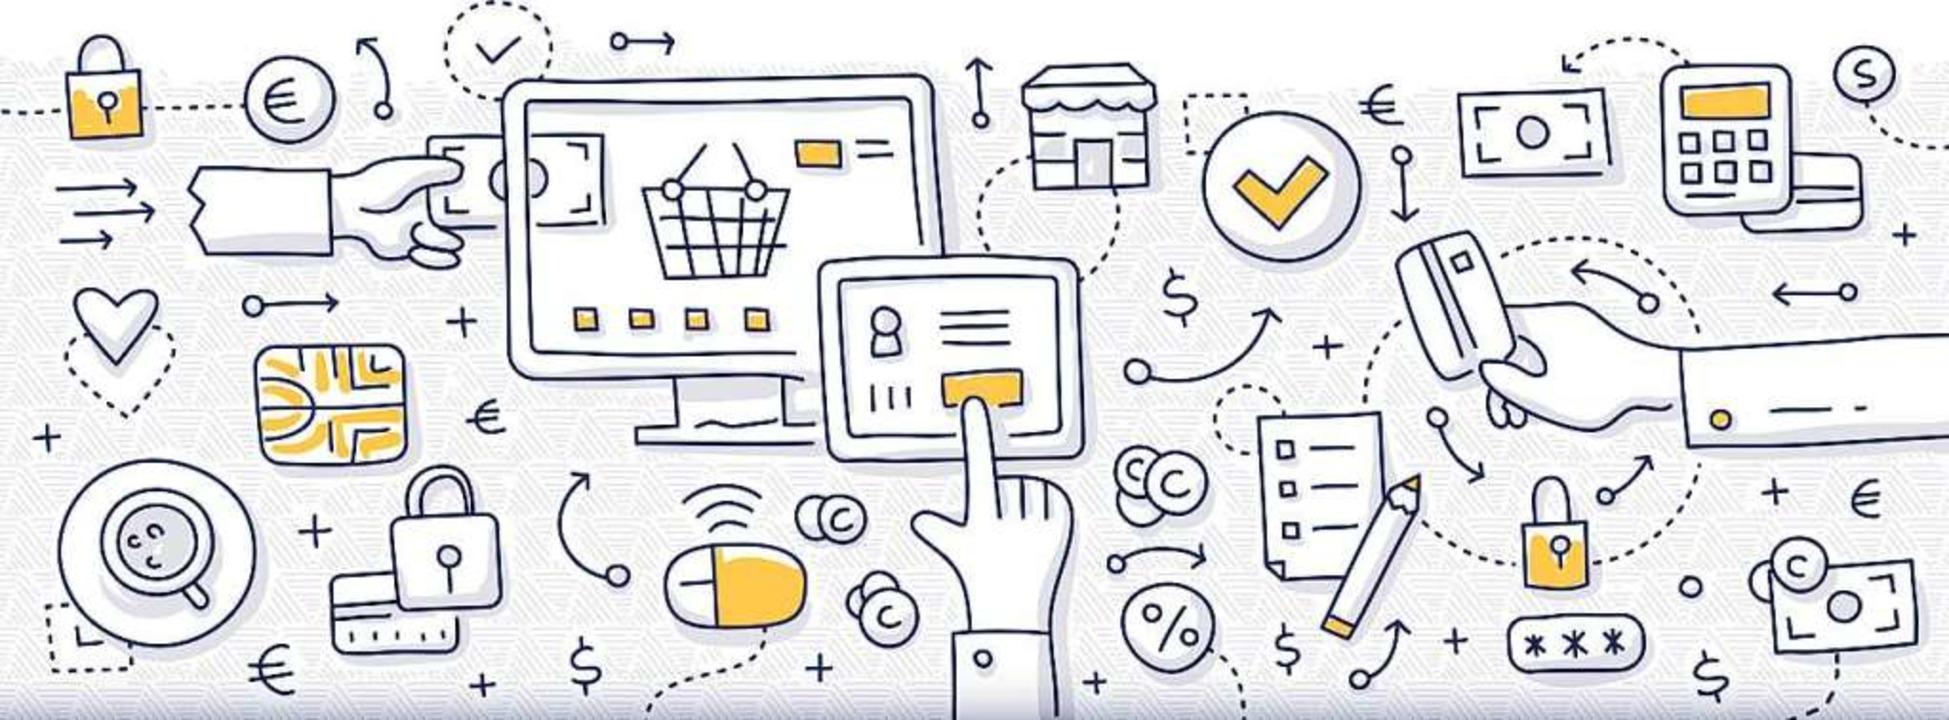 Sicherer soll das Onlinebanking werden, aber es wird auch unbequemer.  | Foto: Rassco (adobe.stock.com)